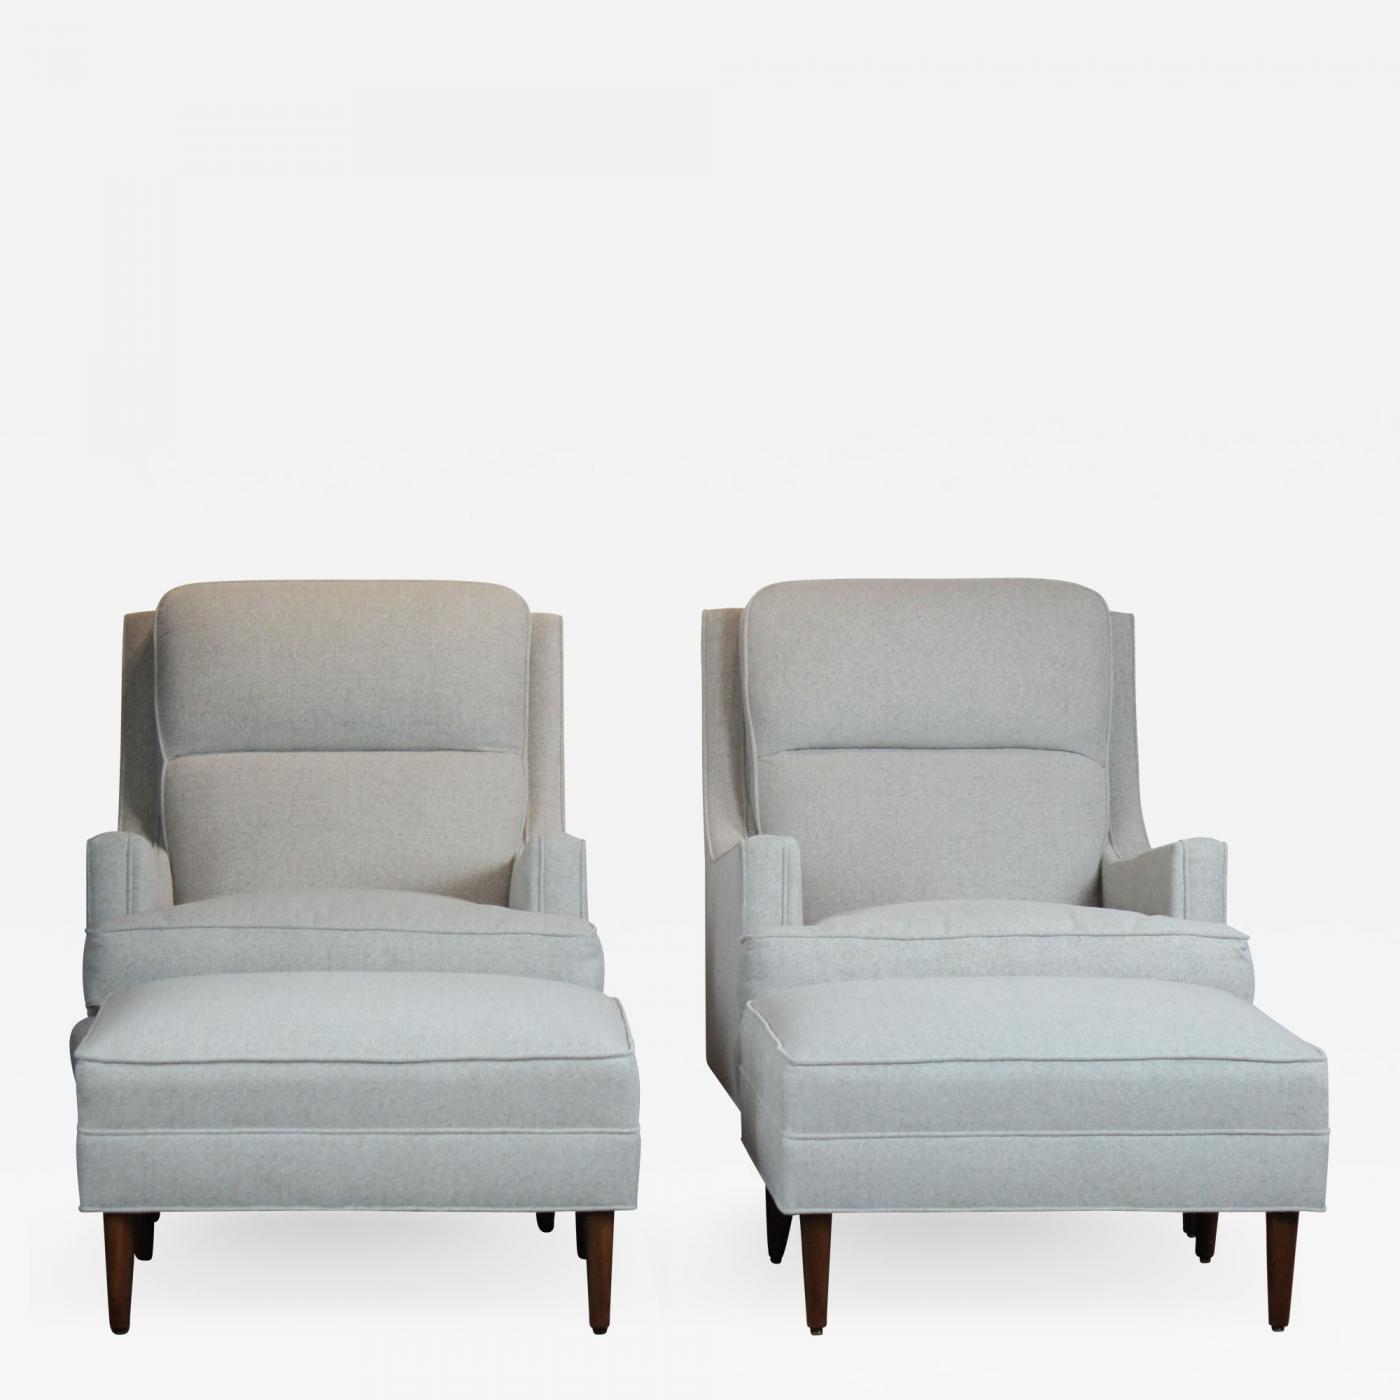 Pair Of Mid Century Chair Ottoman